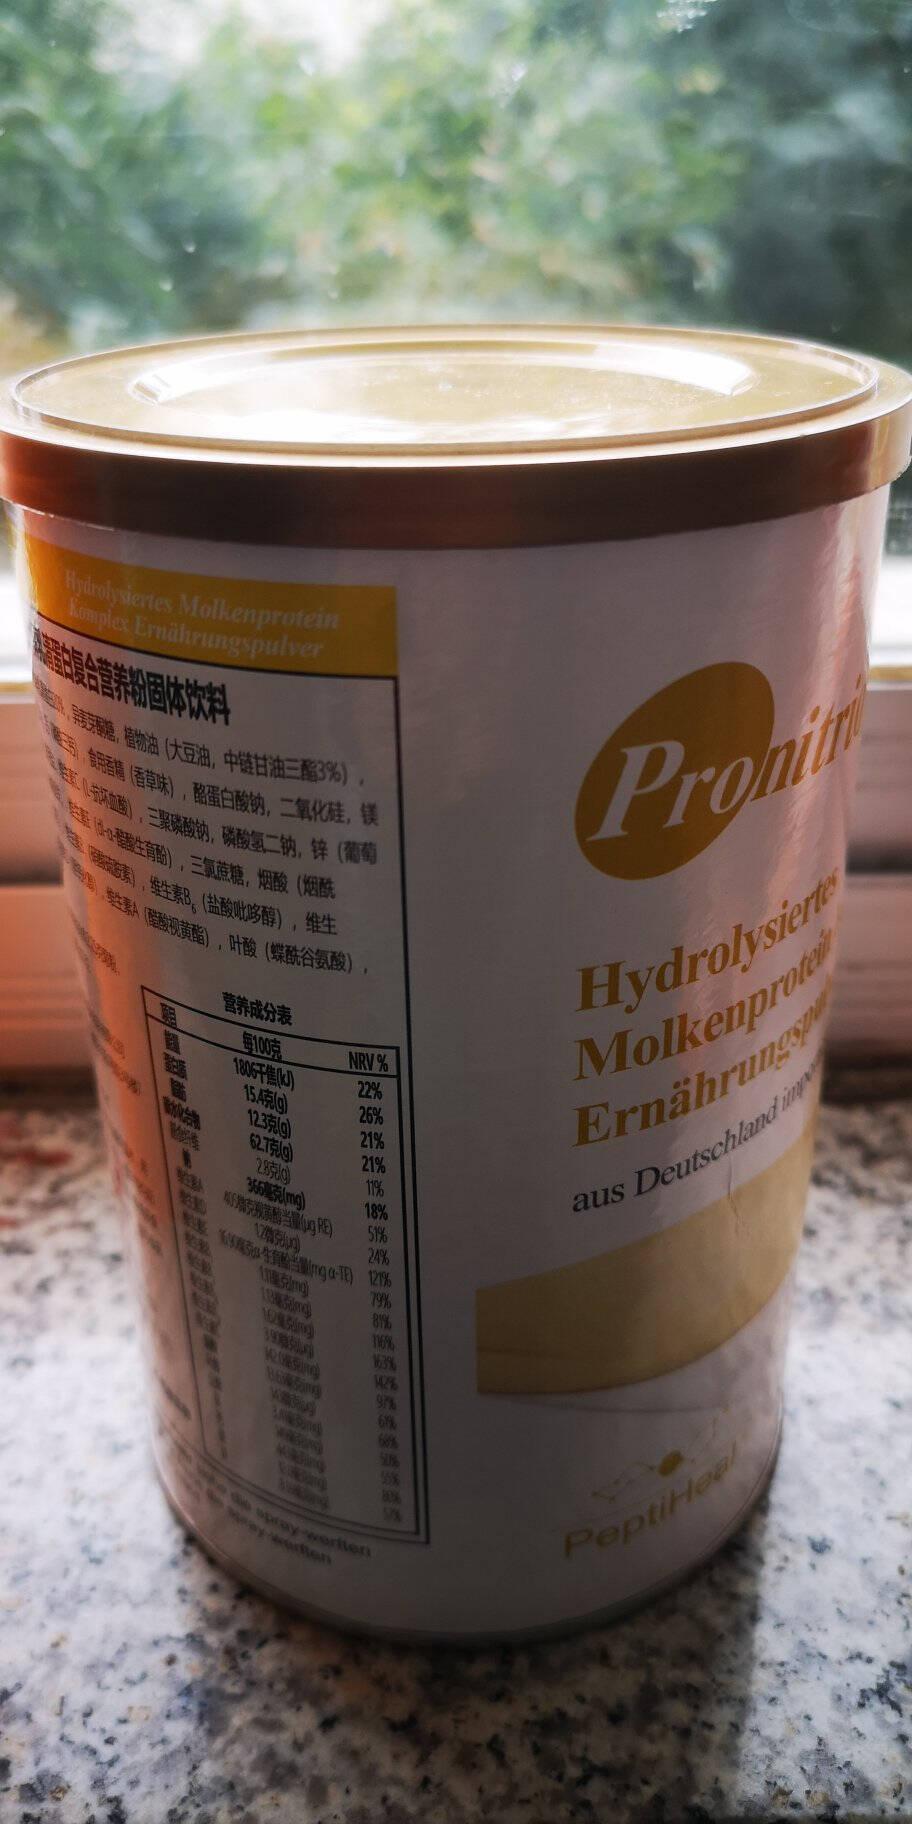 膳力达(Peptiheal)德国原装进口短肽水解乳清动物蛋白质粉儿童孕妇中老年增强营养品礼盒1罐装